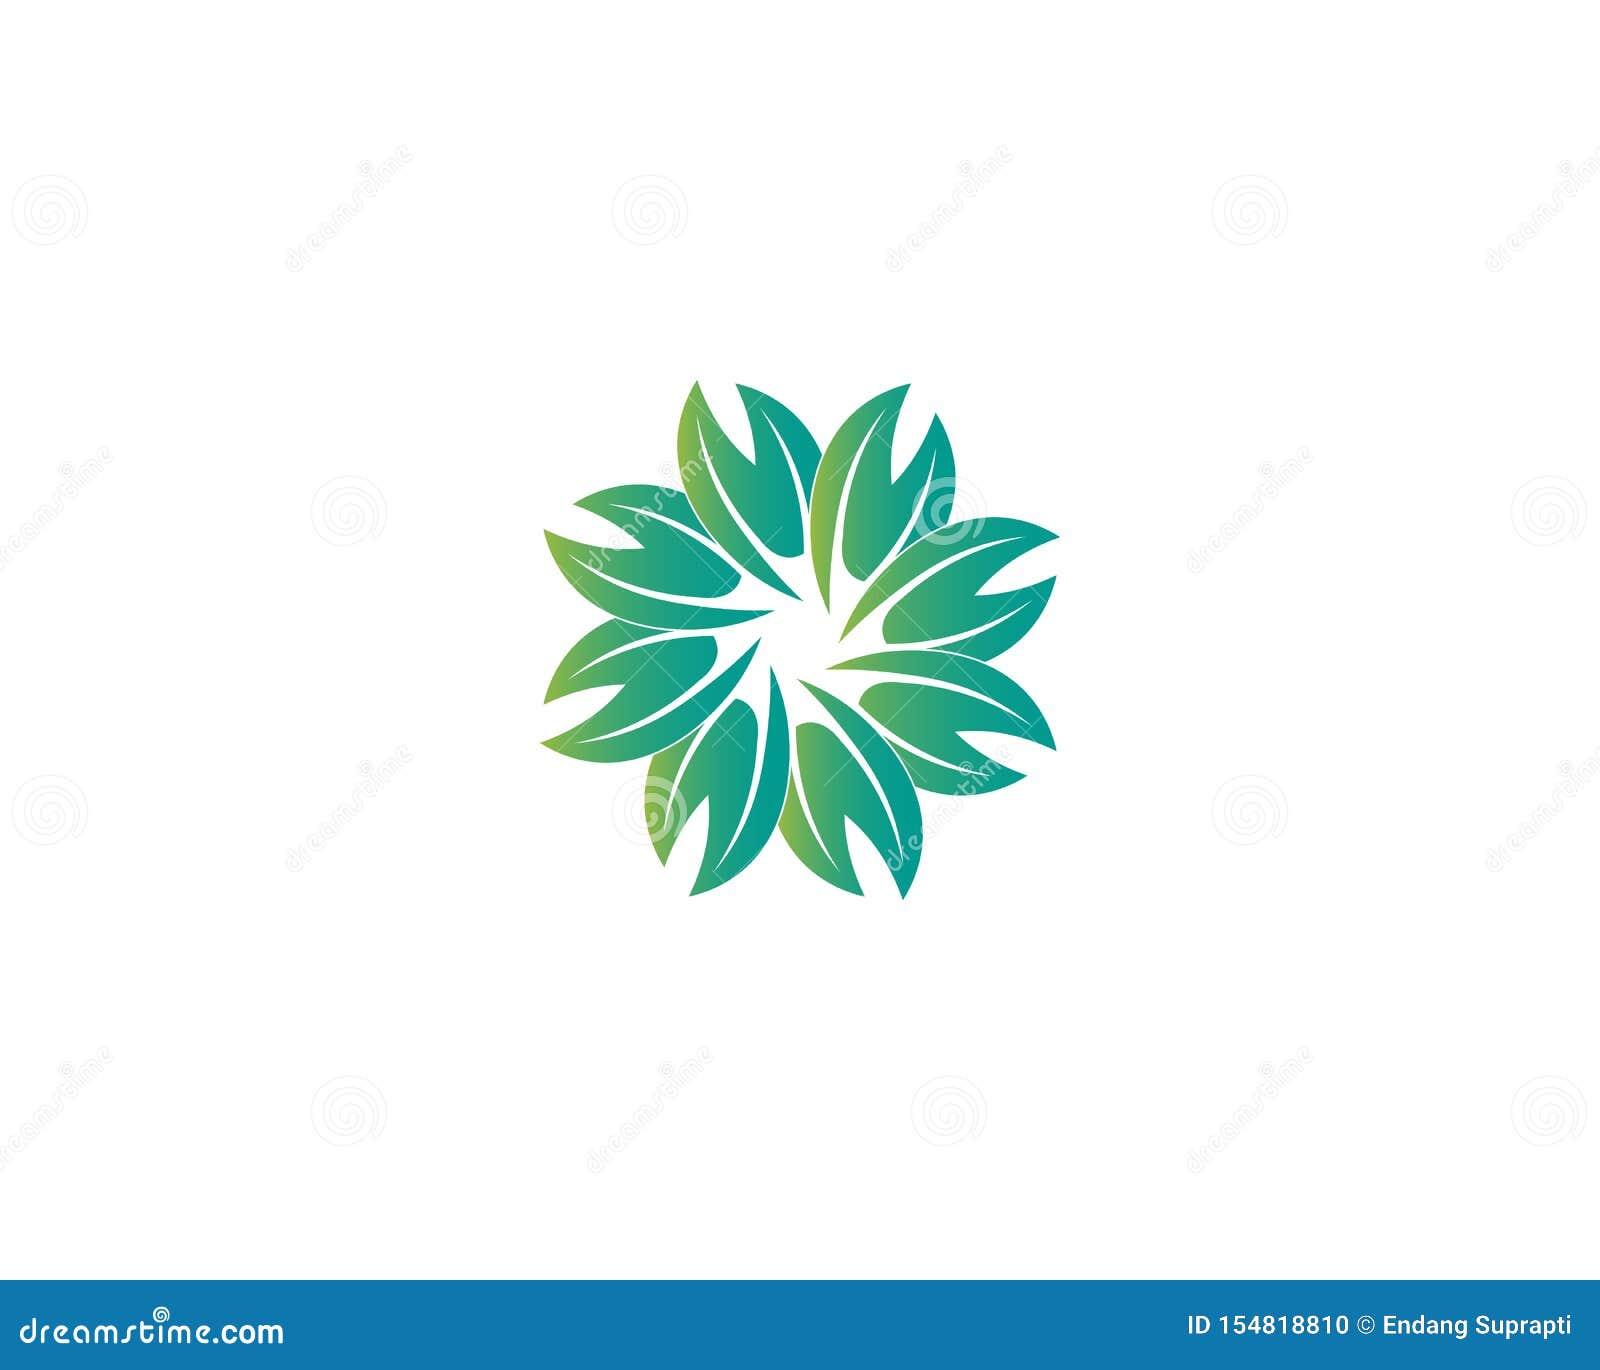 Dise?o del logotipo del vector de la hoja del ?rbol, concepto respetuoso del medio ambiente